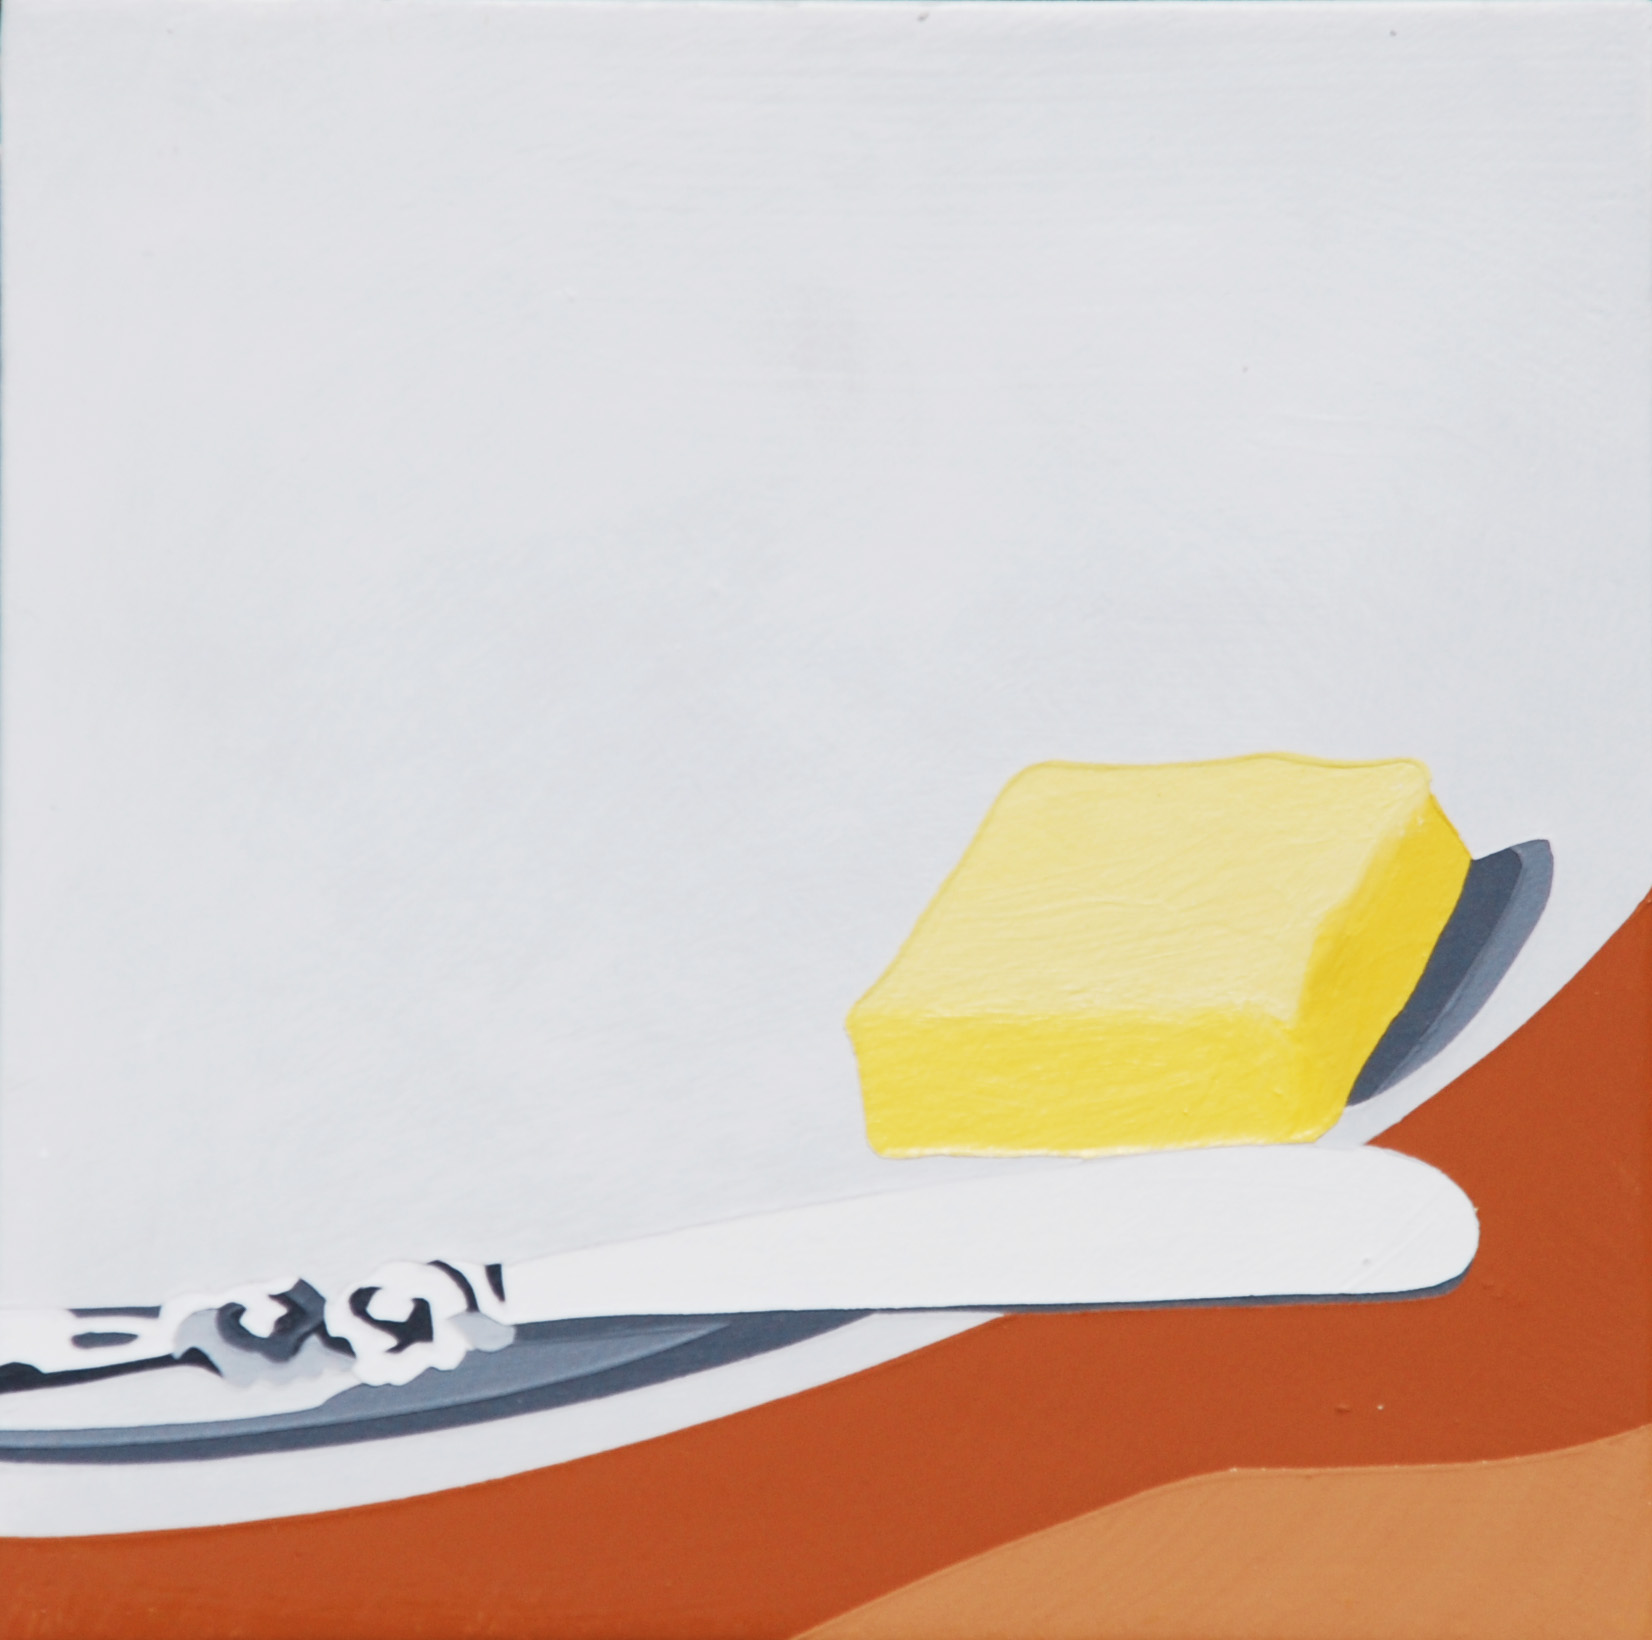 13_butter-onDish+Knife2.jpg